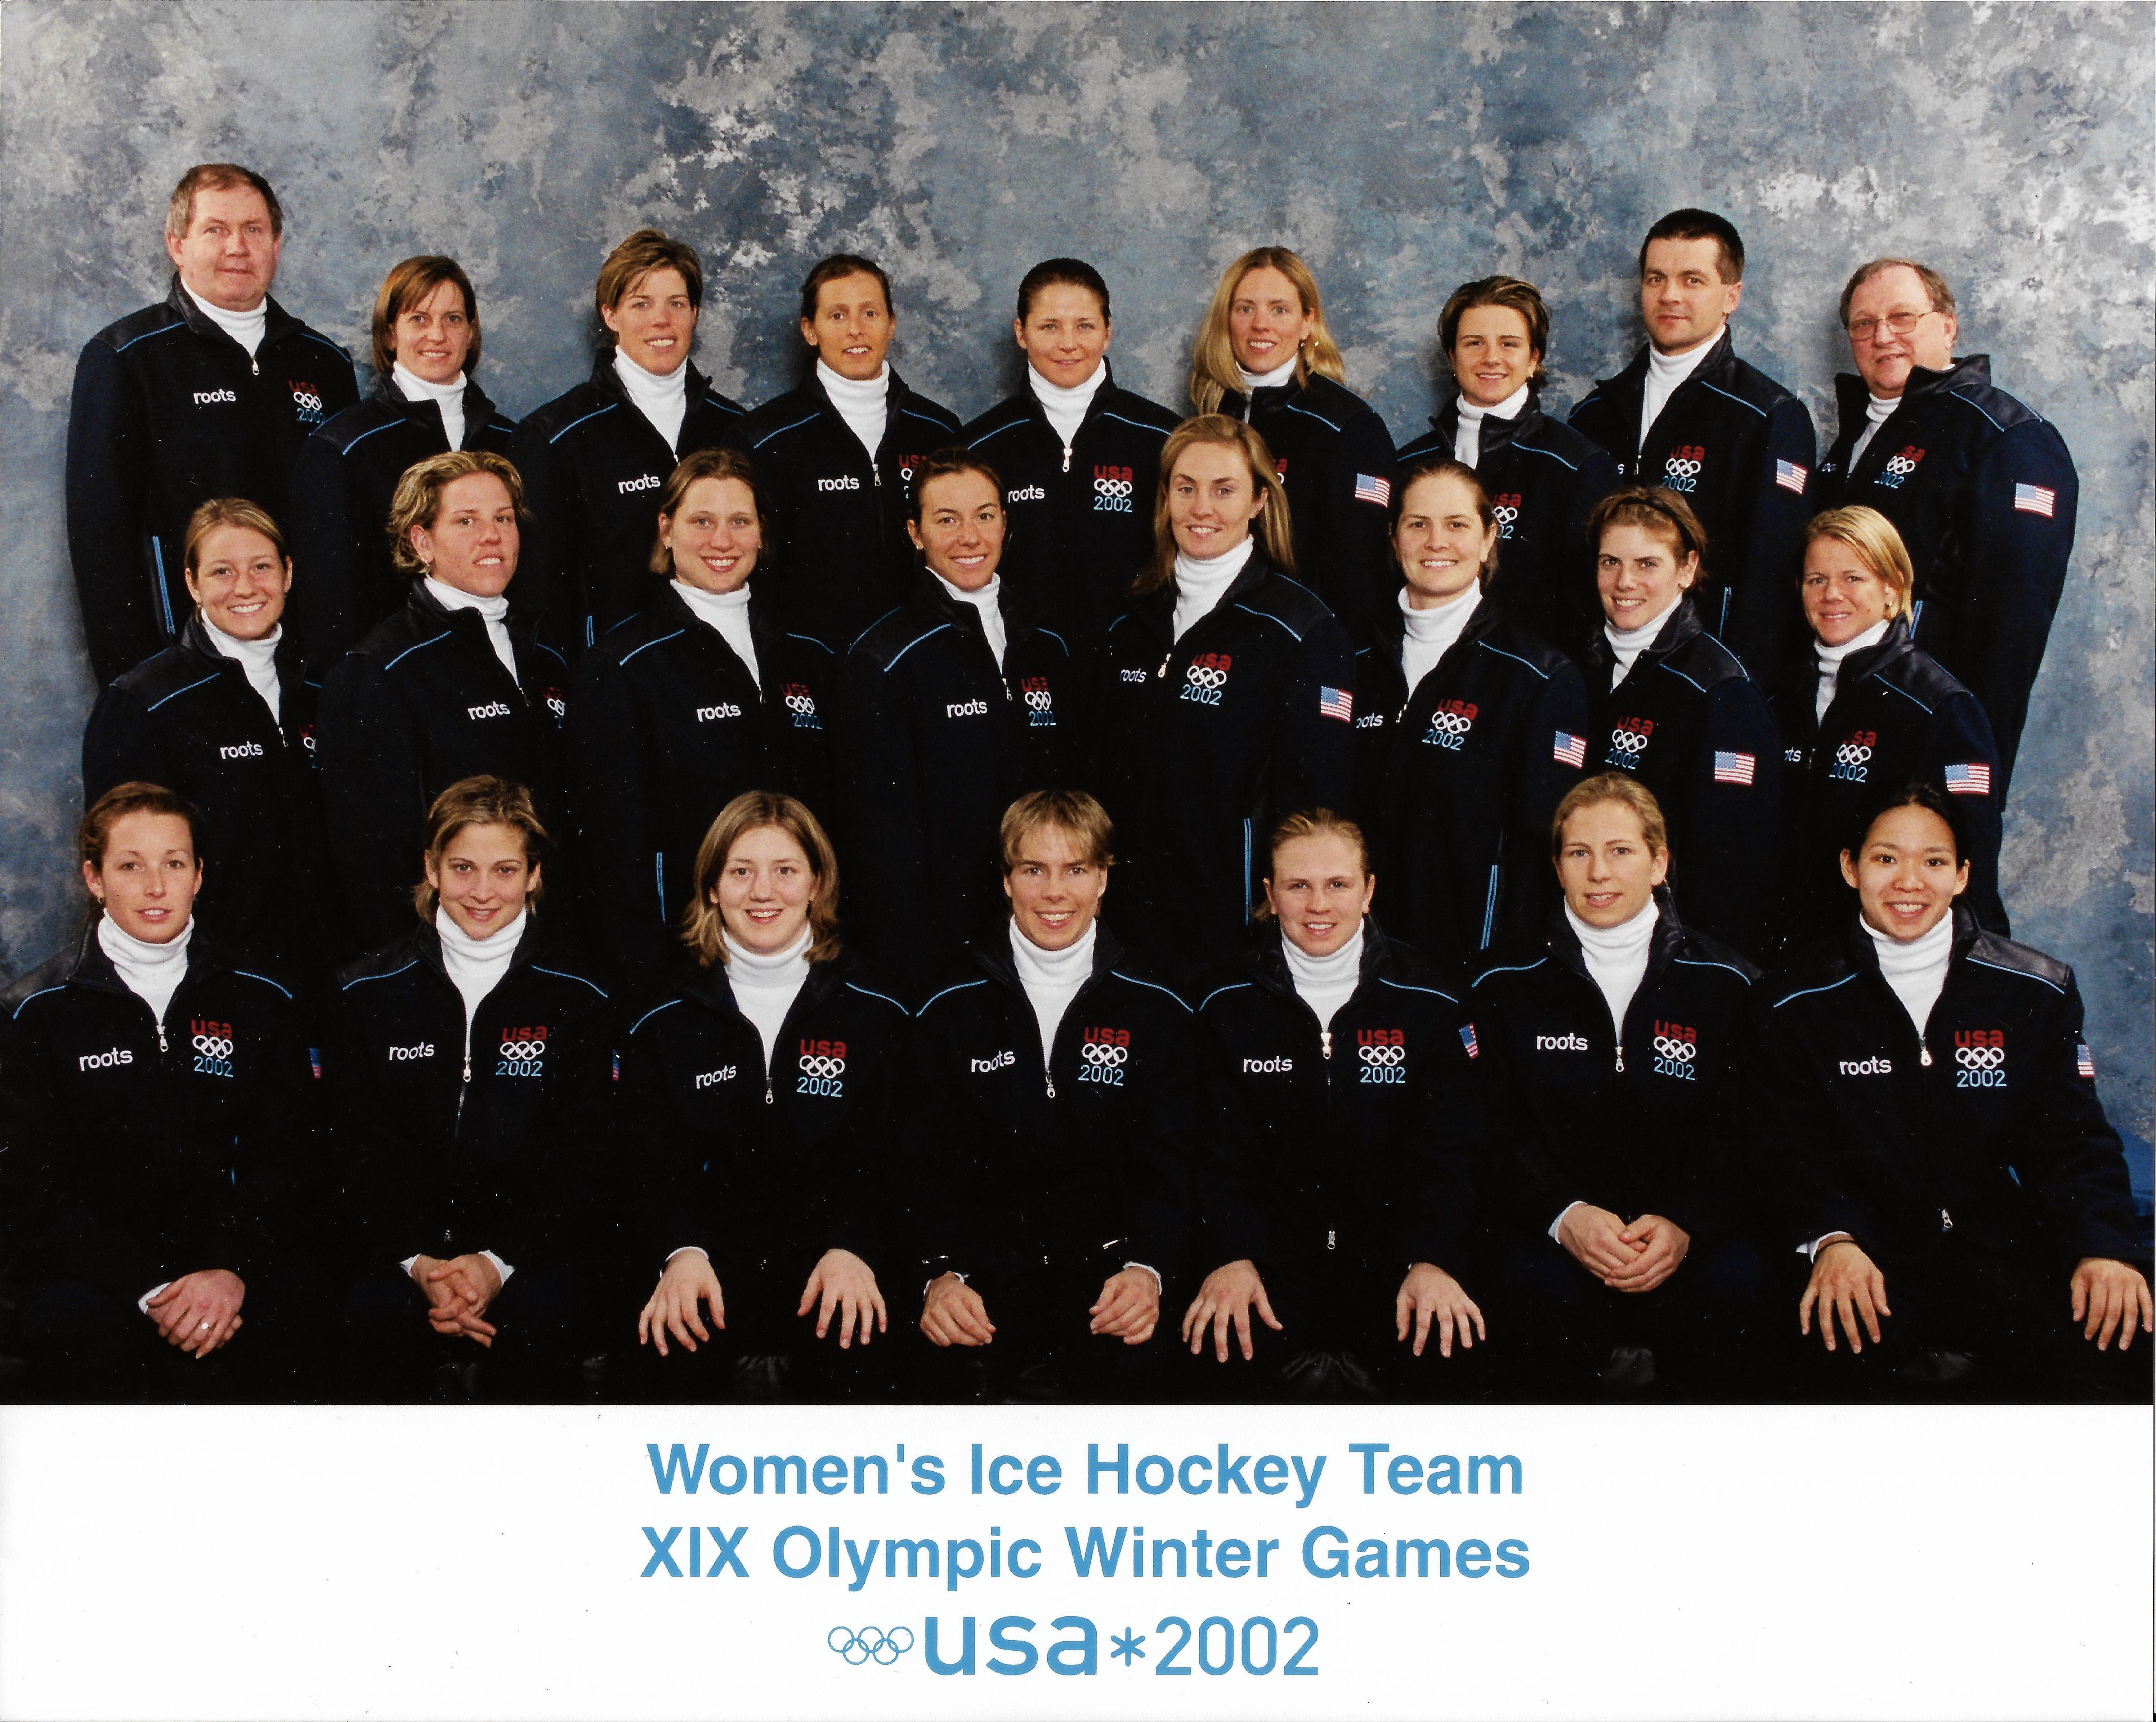 2002 - XIX OLYMPIC WINTER GAMES WOMEN